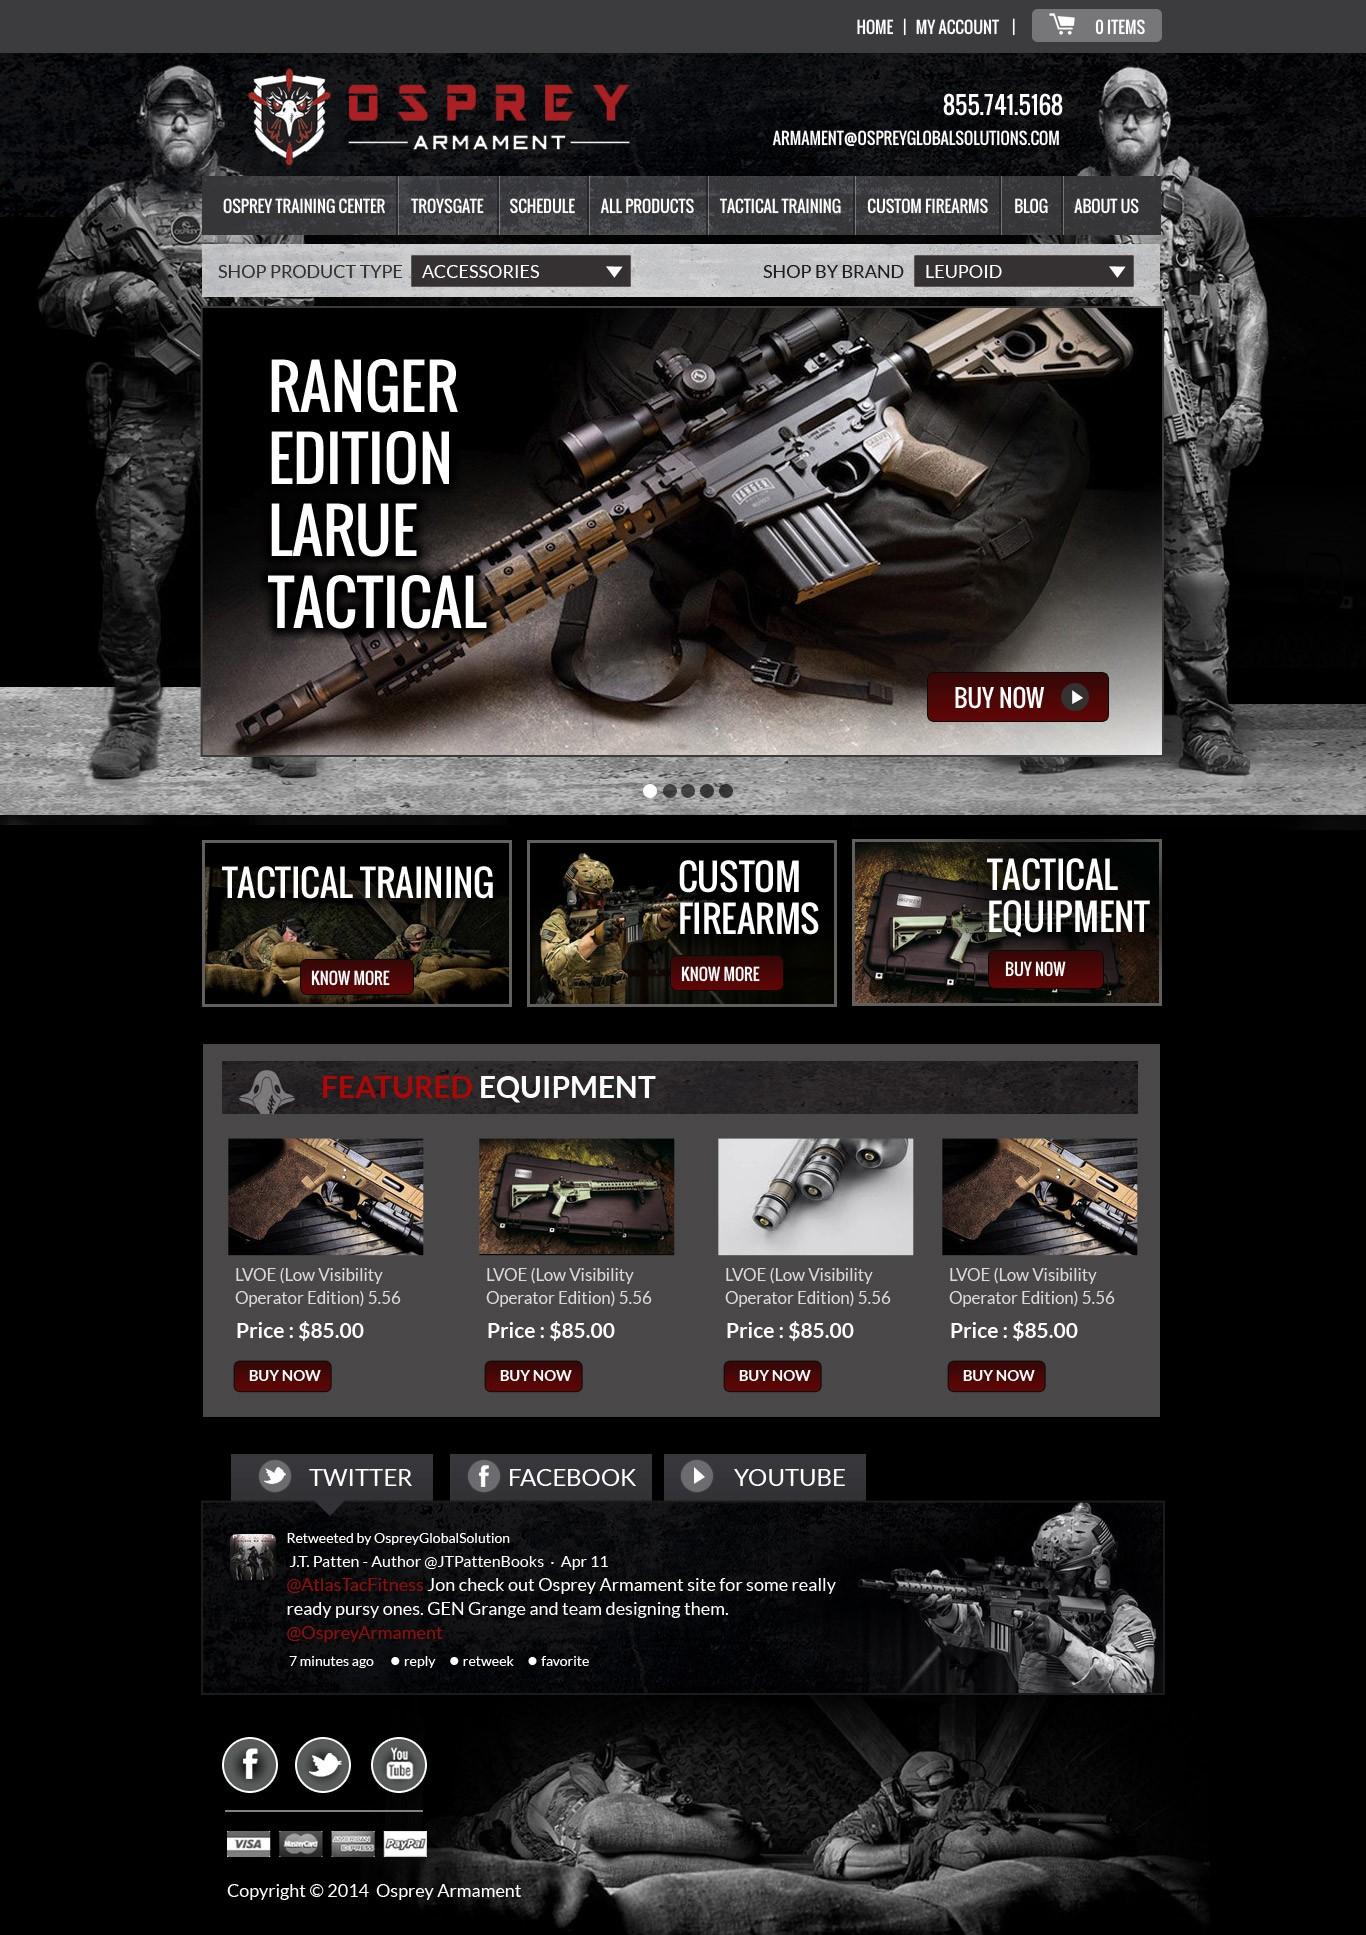 OspreyArmament.com Home Page Contest.